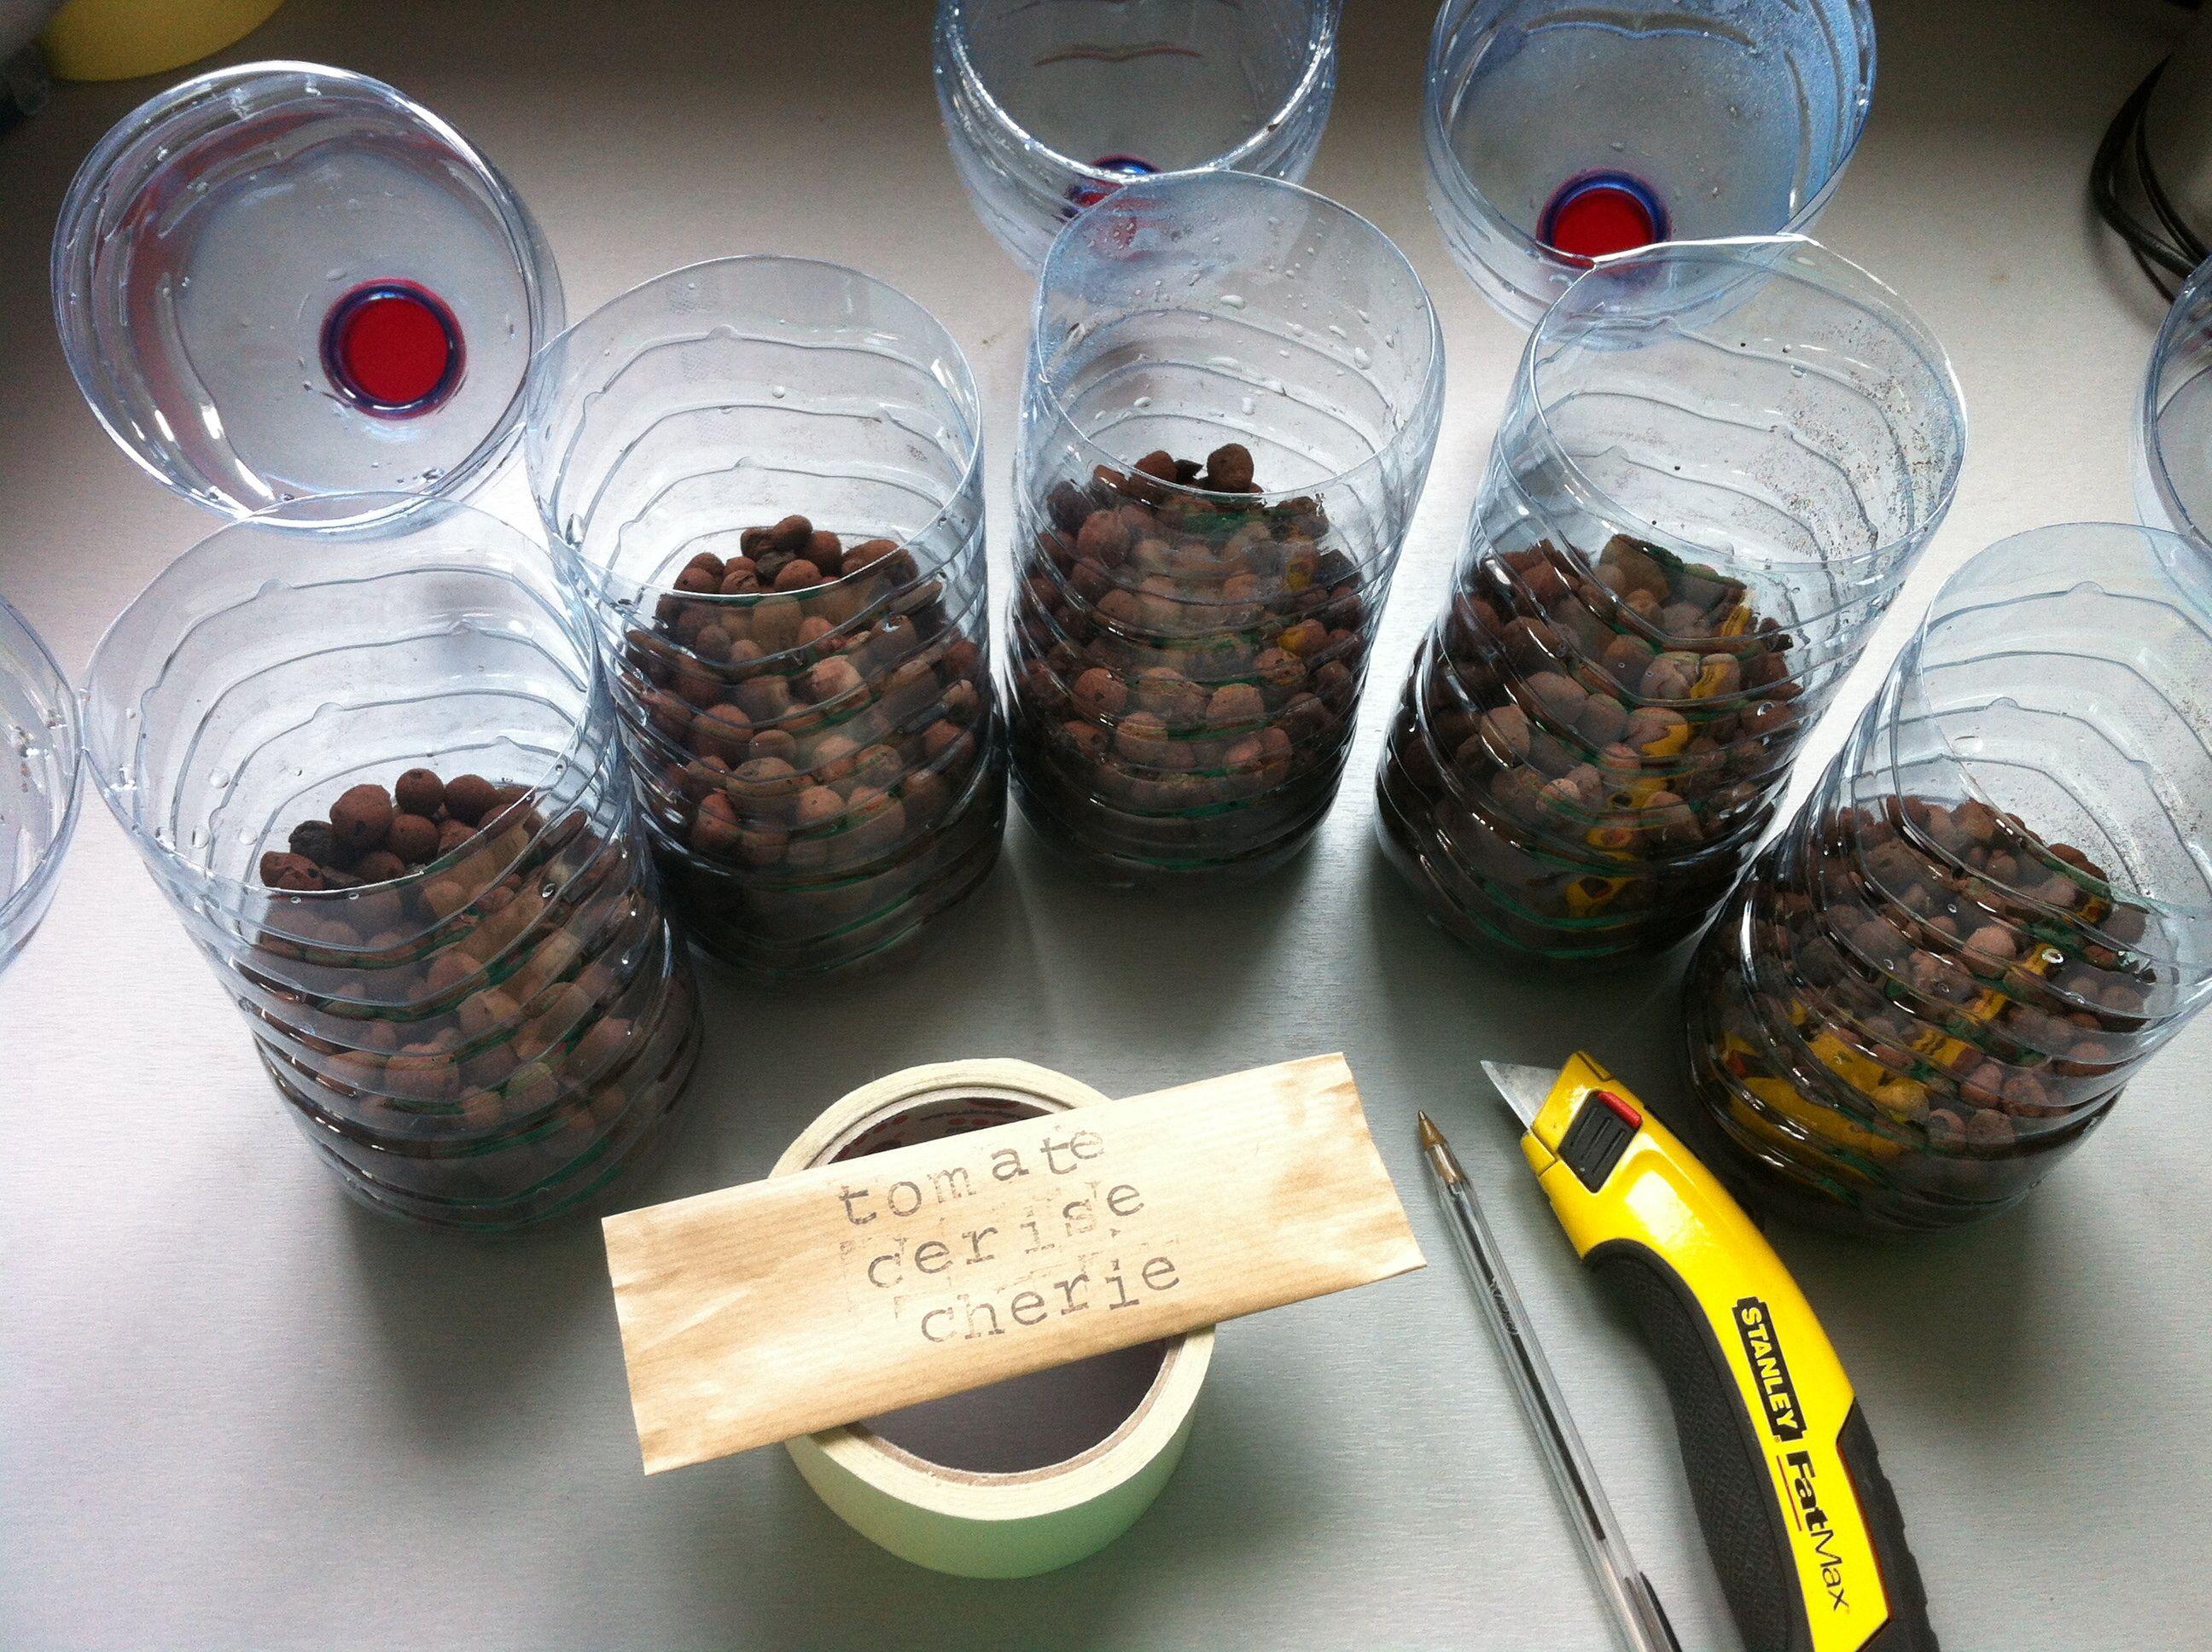 Nouvelle méthode pour mon semis de tomates en bouteille